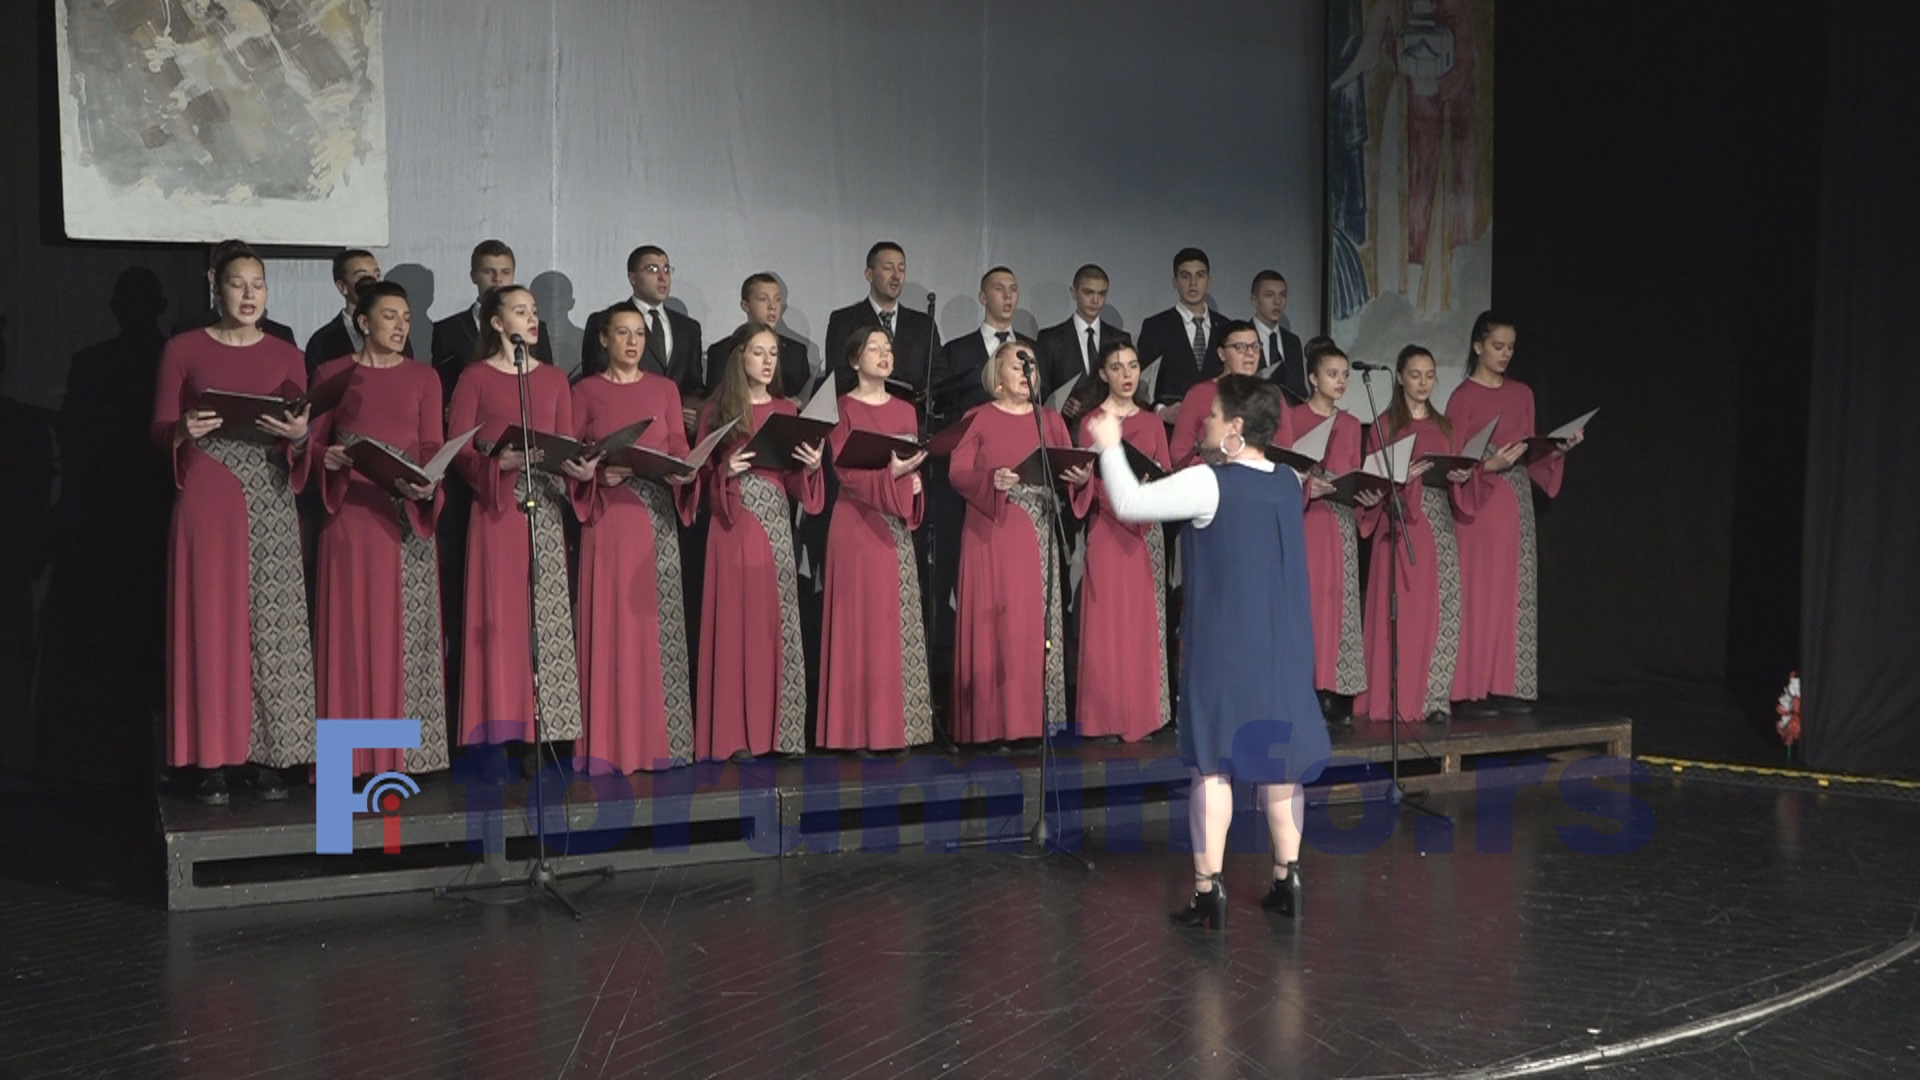 Светосавска академија у Пријепољу у знаку обележавања два битна јубилеја